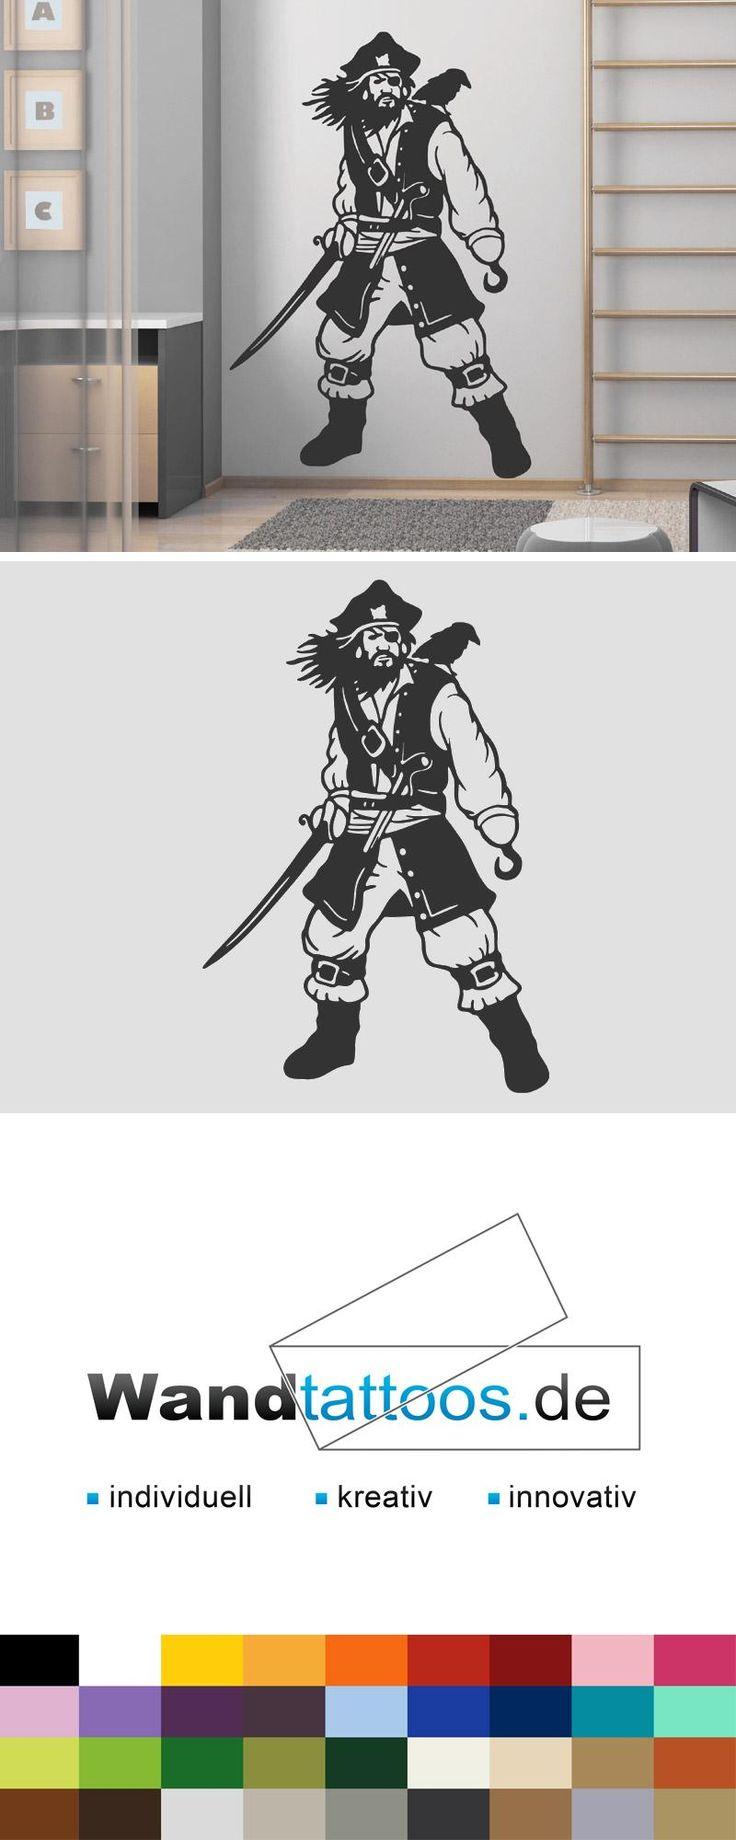 Wandtattoo Pirat als Idee zur individuellen Wandgestaltung. Einfach Lieblingsfarbe und Größe auswählen. Weitere kreative Anregungen von Wandtattoos.de hier entdecken!